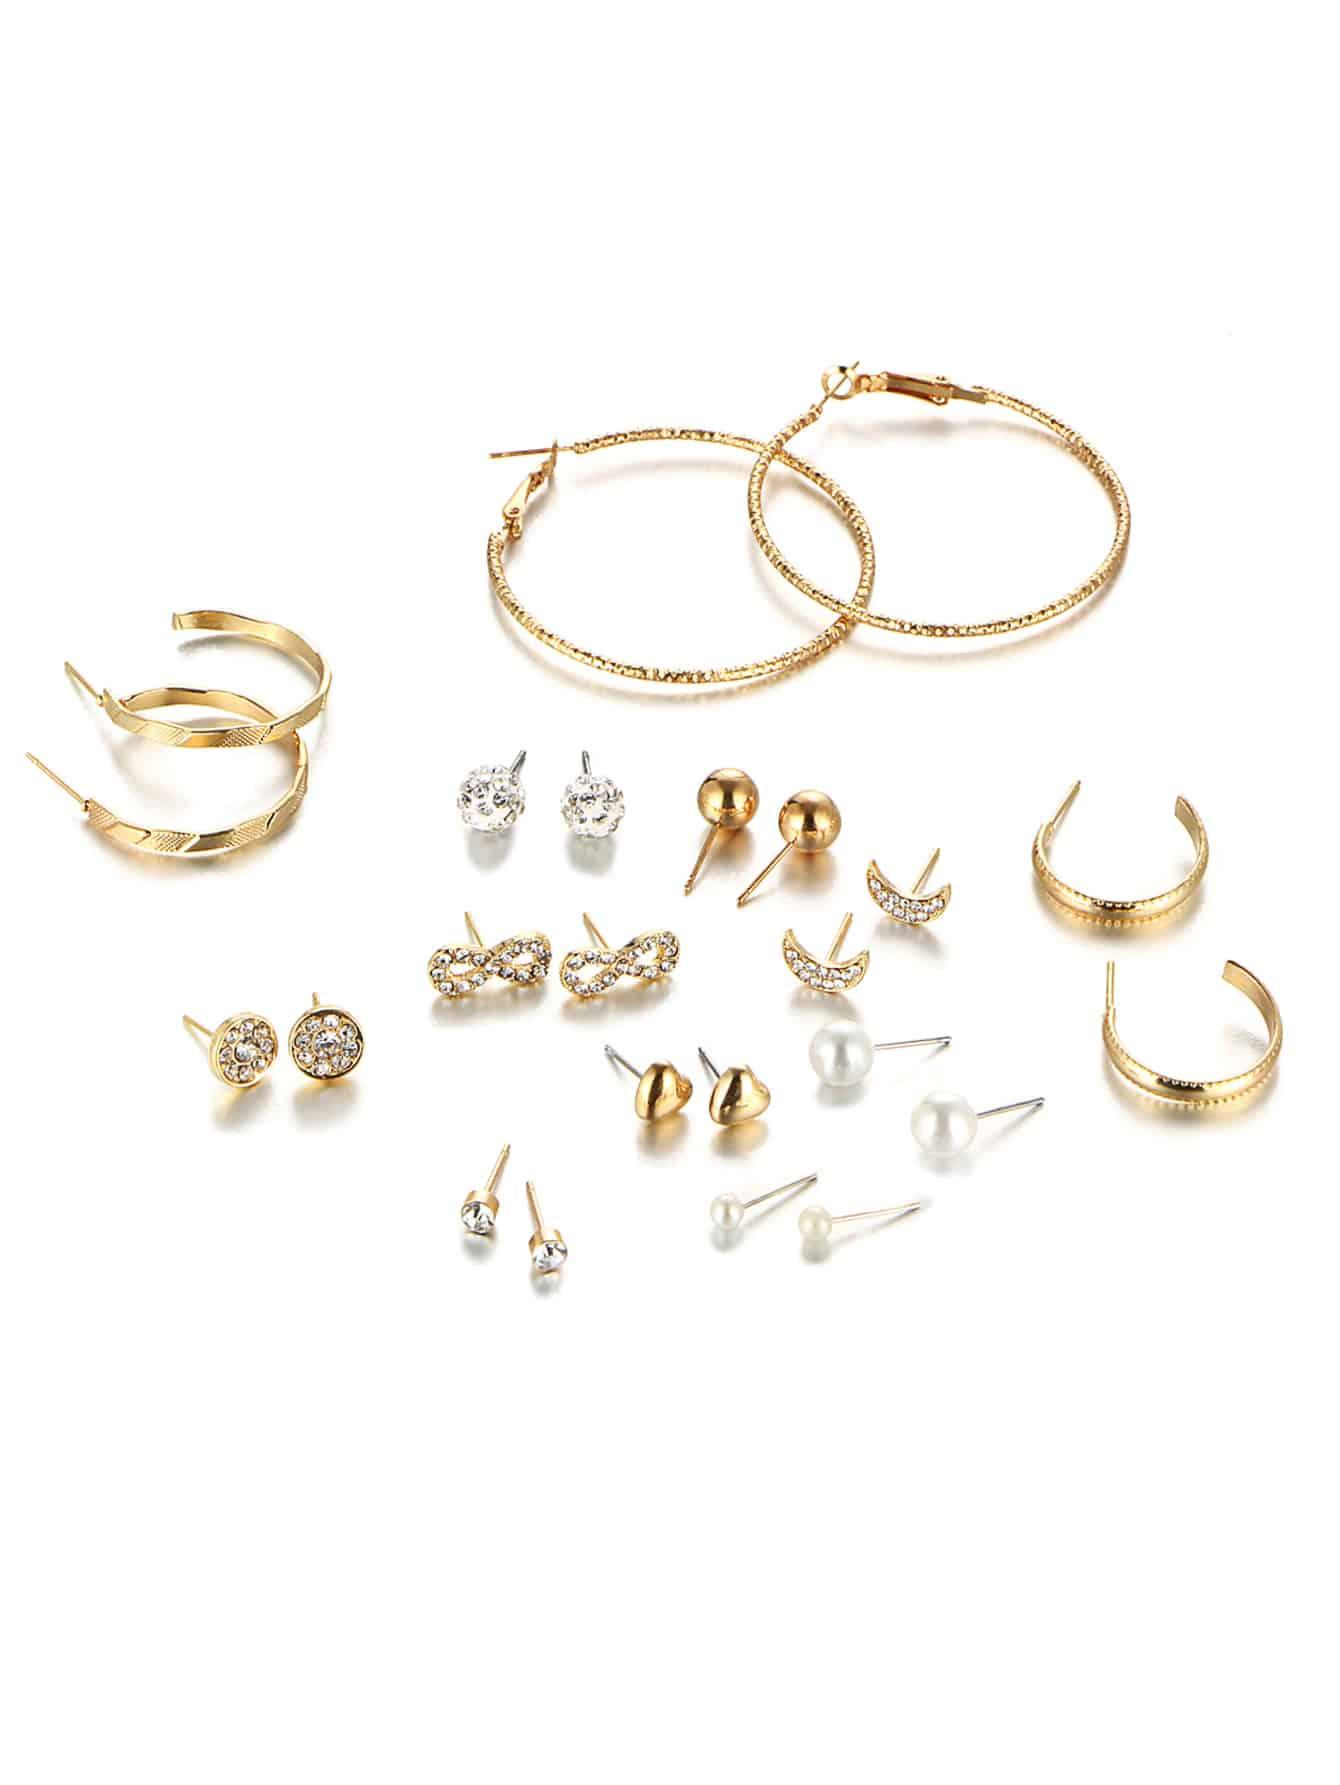 Rhinestone Stud Earrings & Hoop Earrings Set contrast hoop earrings with turquoise